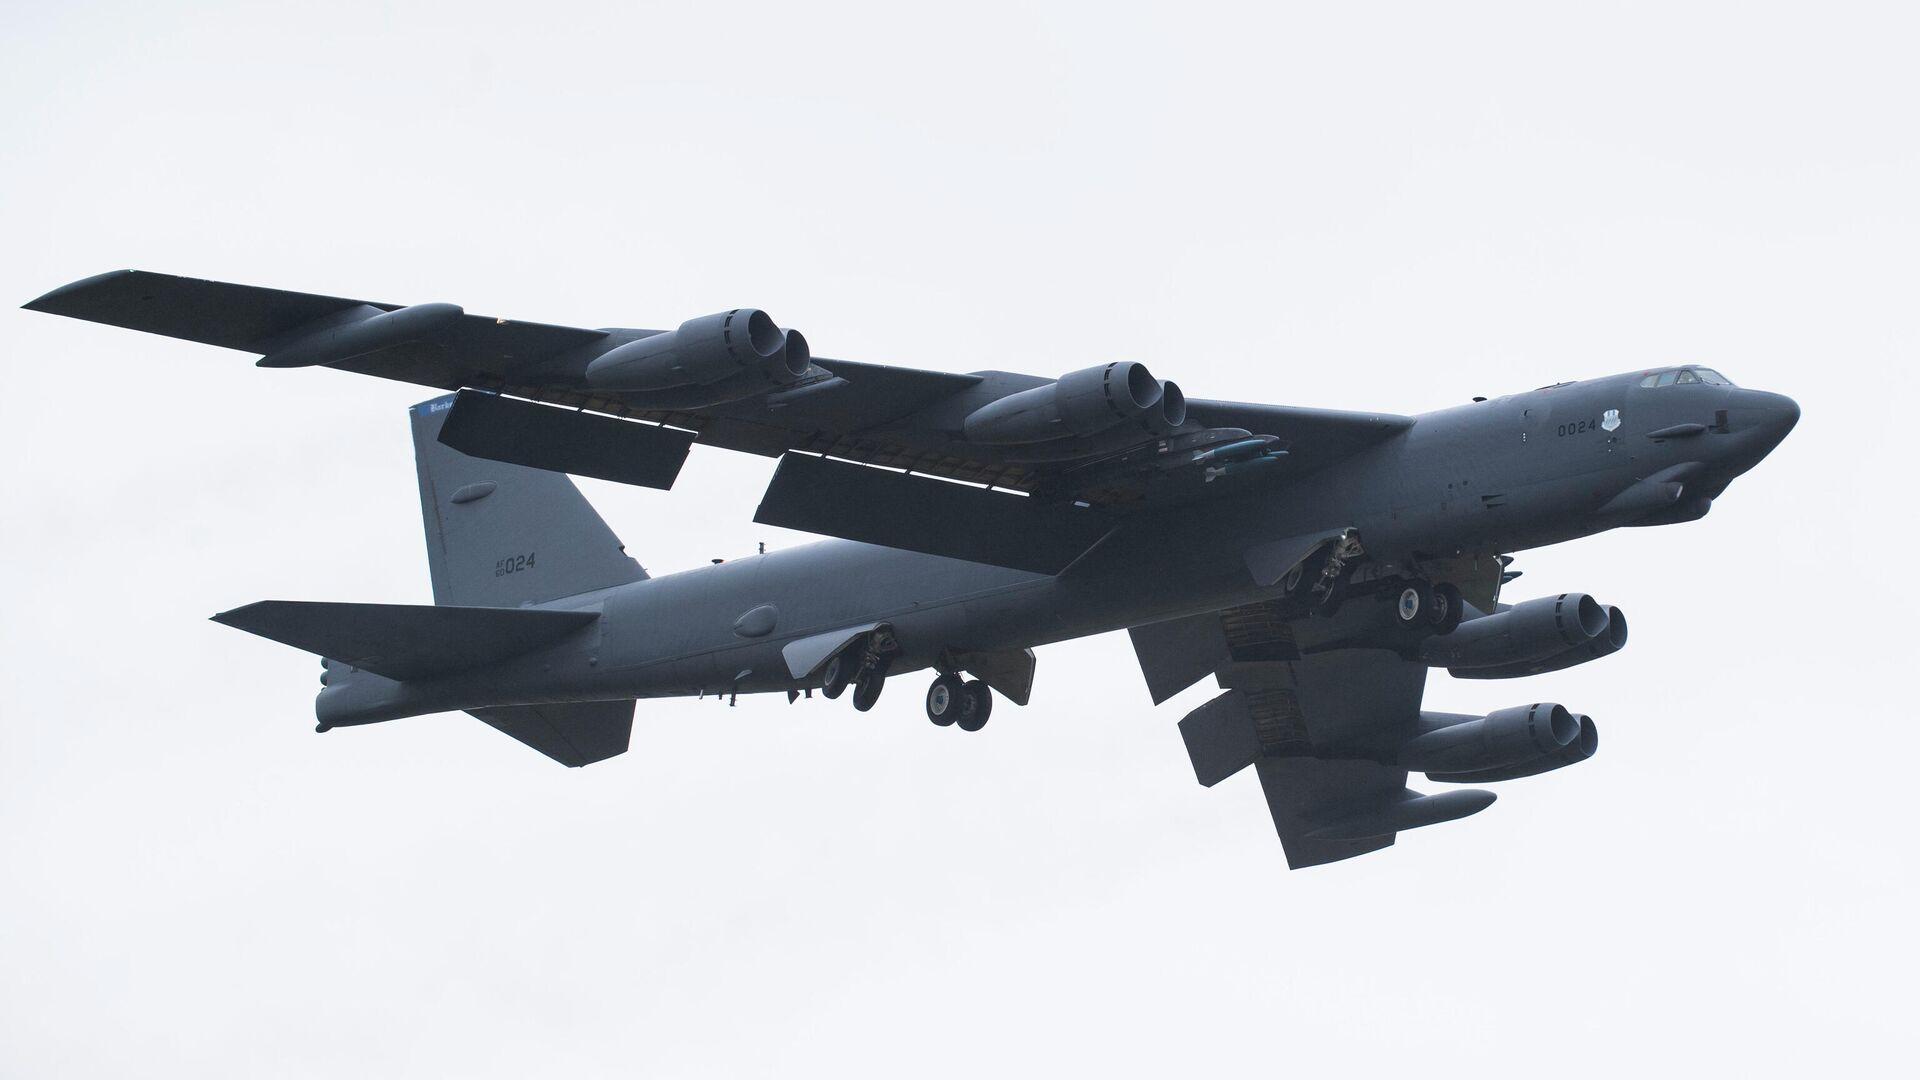 Стратегический бомбардировщик B-52H Stratofortress ВВС США - РИА Новости, 1920, 24.09.2020